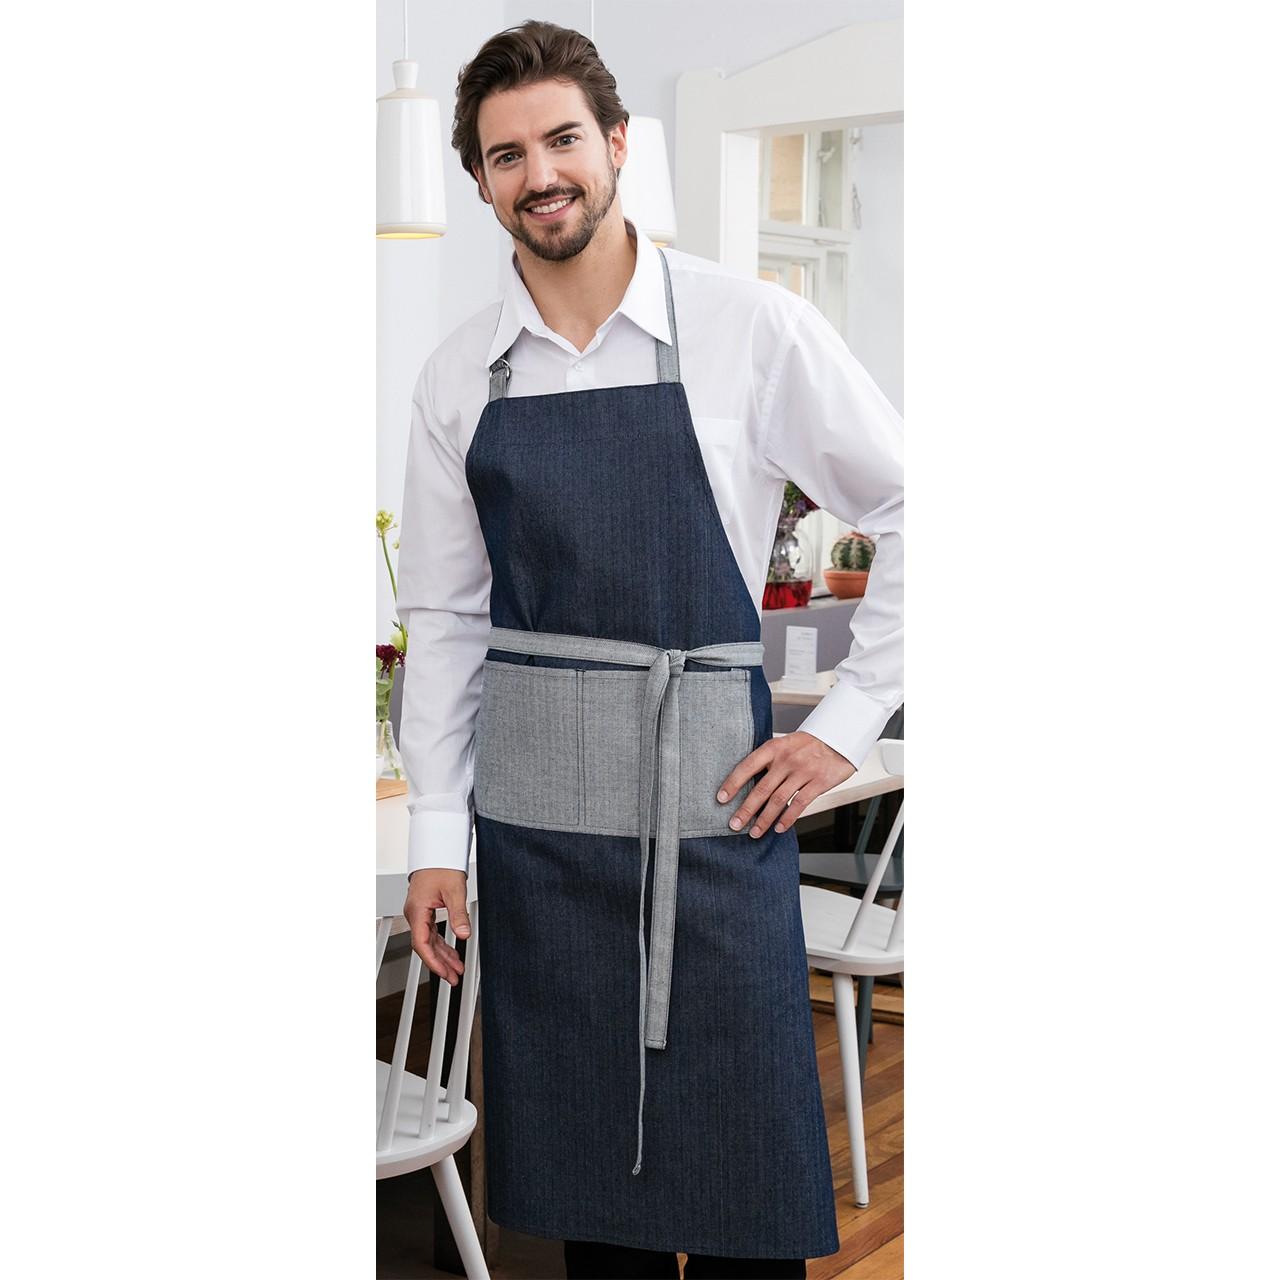 Latzschürze Denim im Jeanslook 2-farbig Exner® | bedrucken, besticken, bedrucken lassen, besticken lassen, mit Logo |